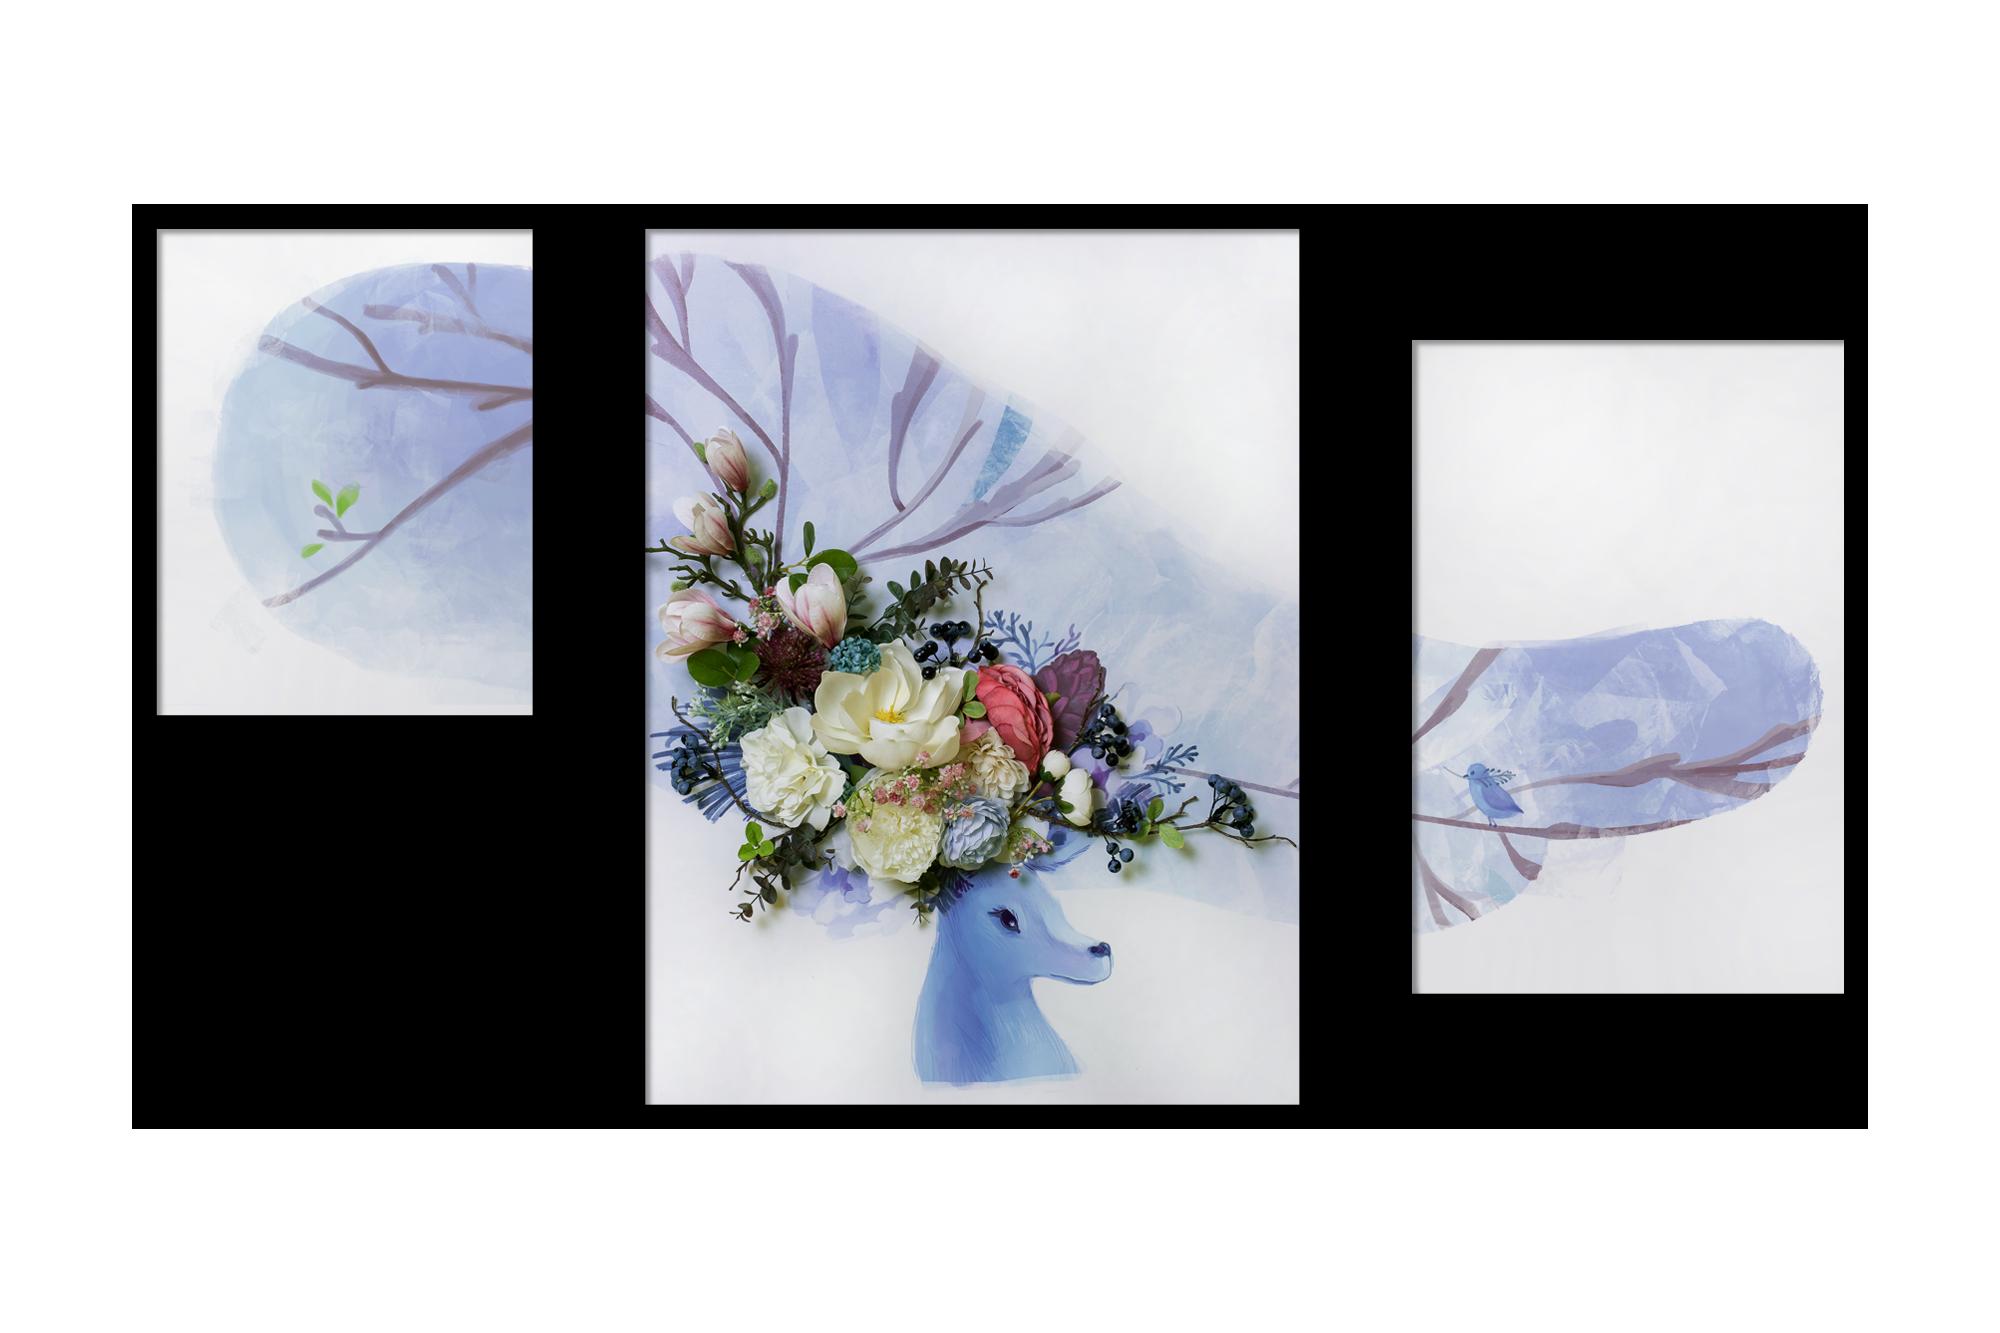 Tranh gắn hoa lụa Spirited Forest 03